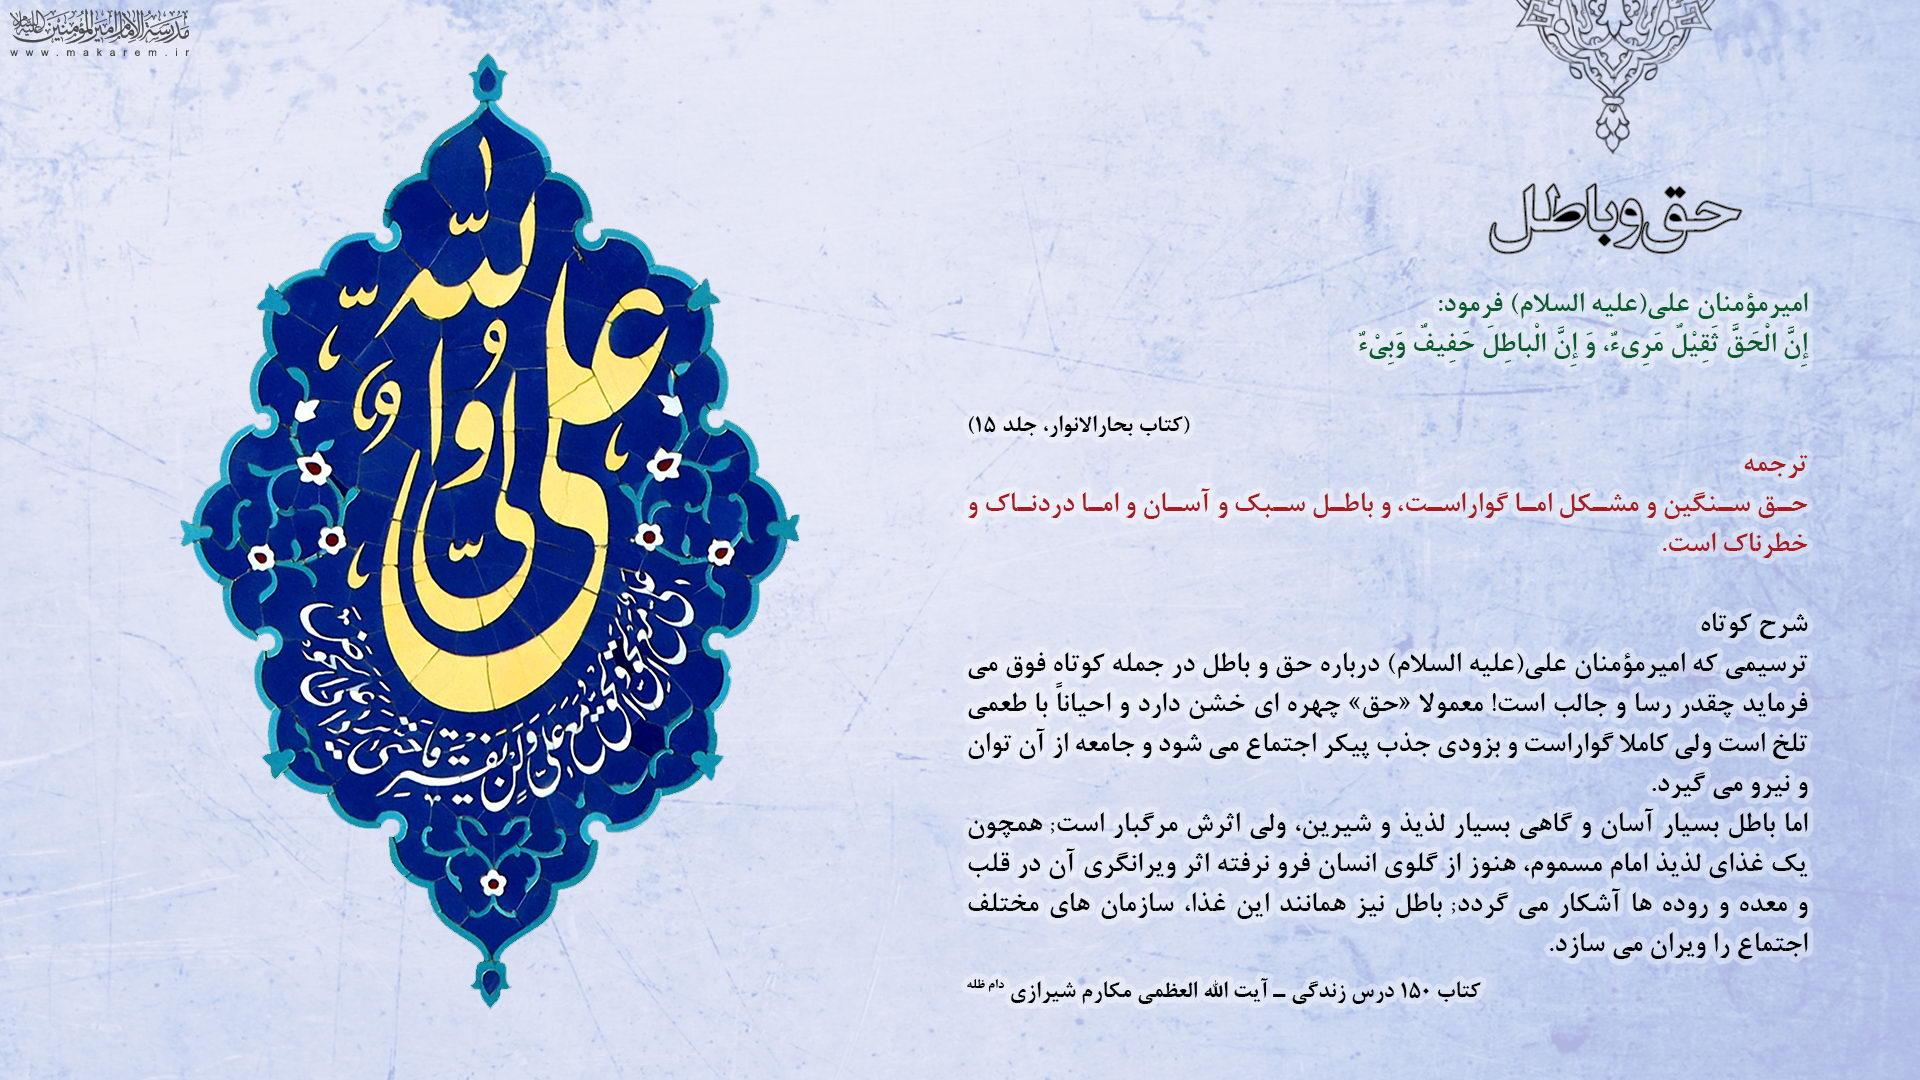 حق و باطل-مدرسه الامام امیر المومنین (ع)